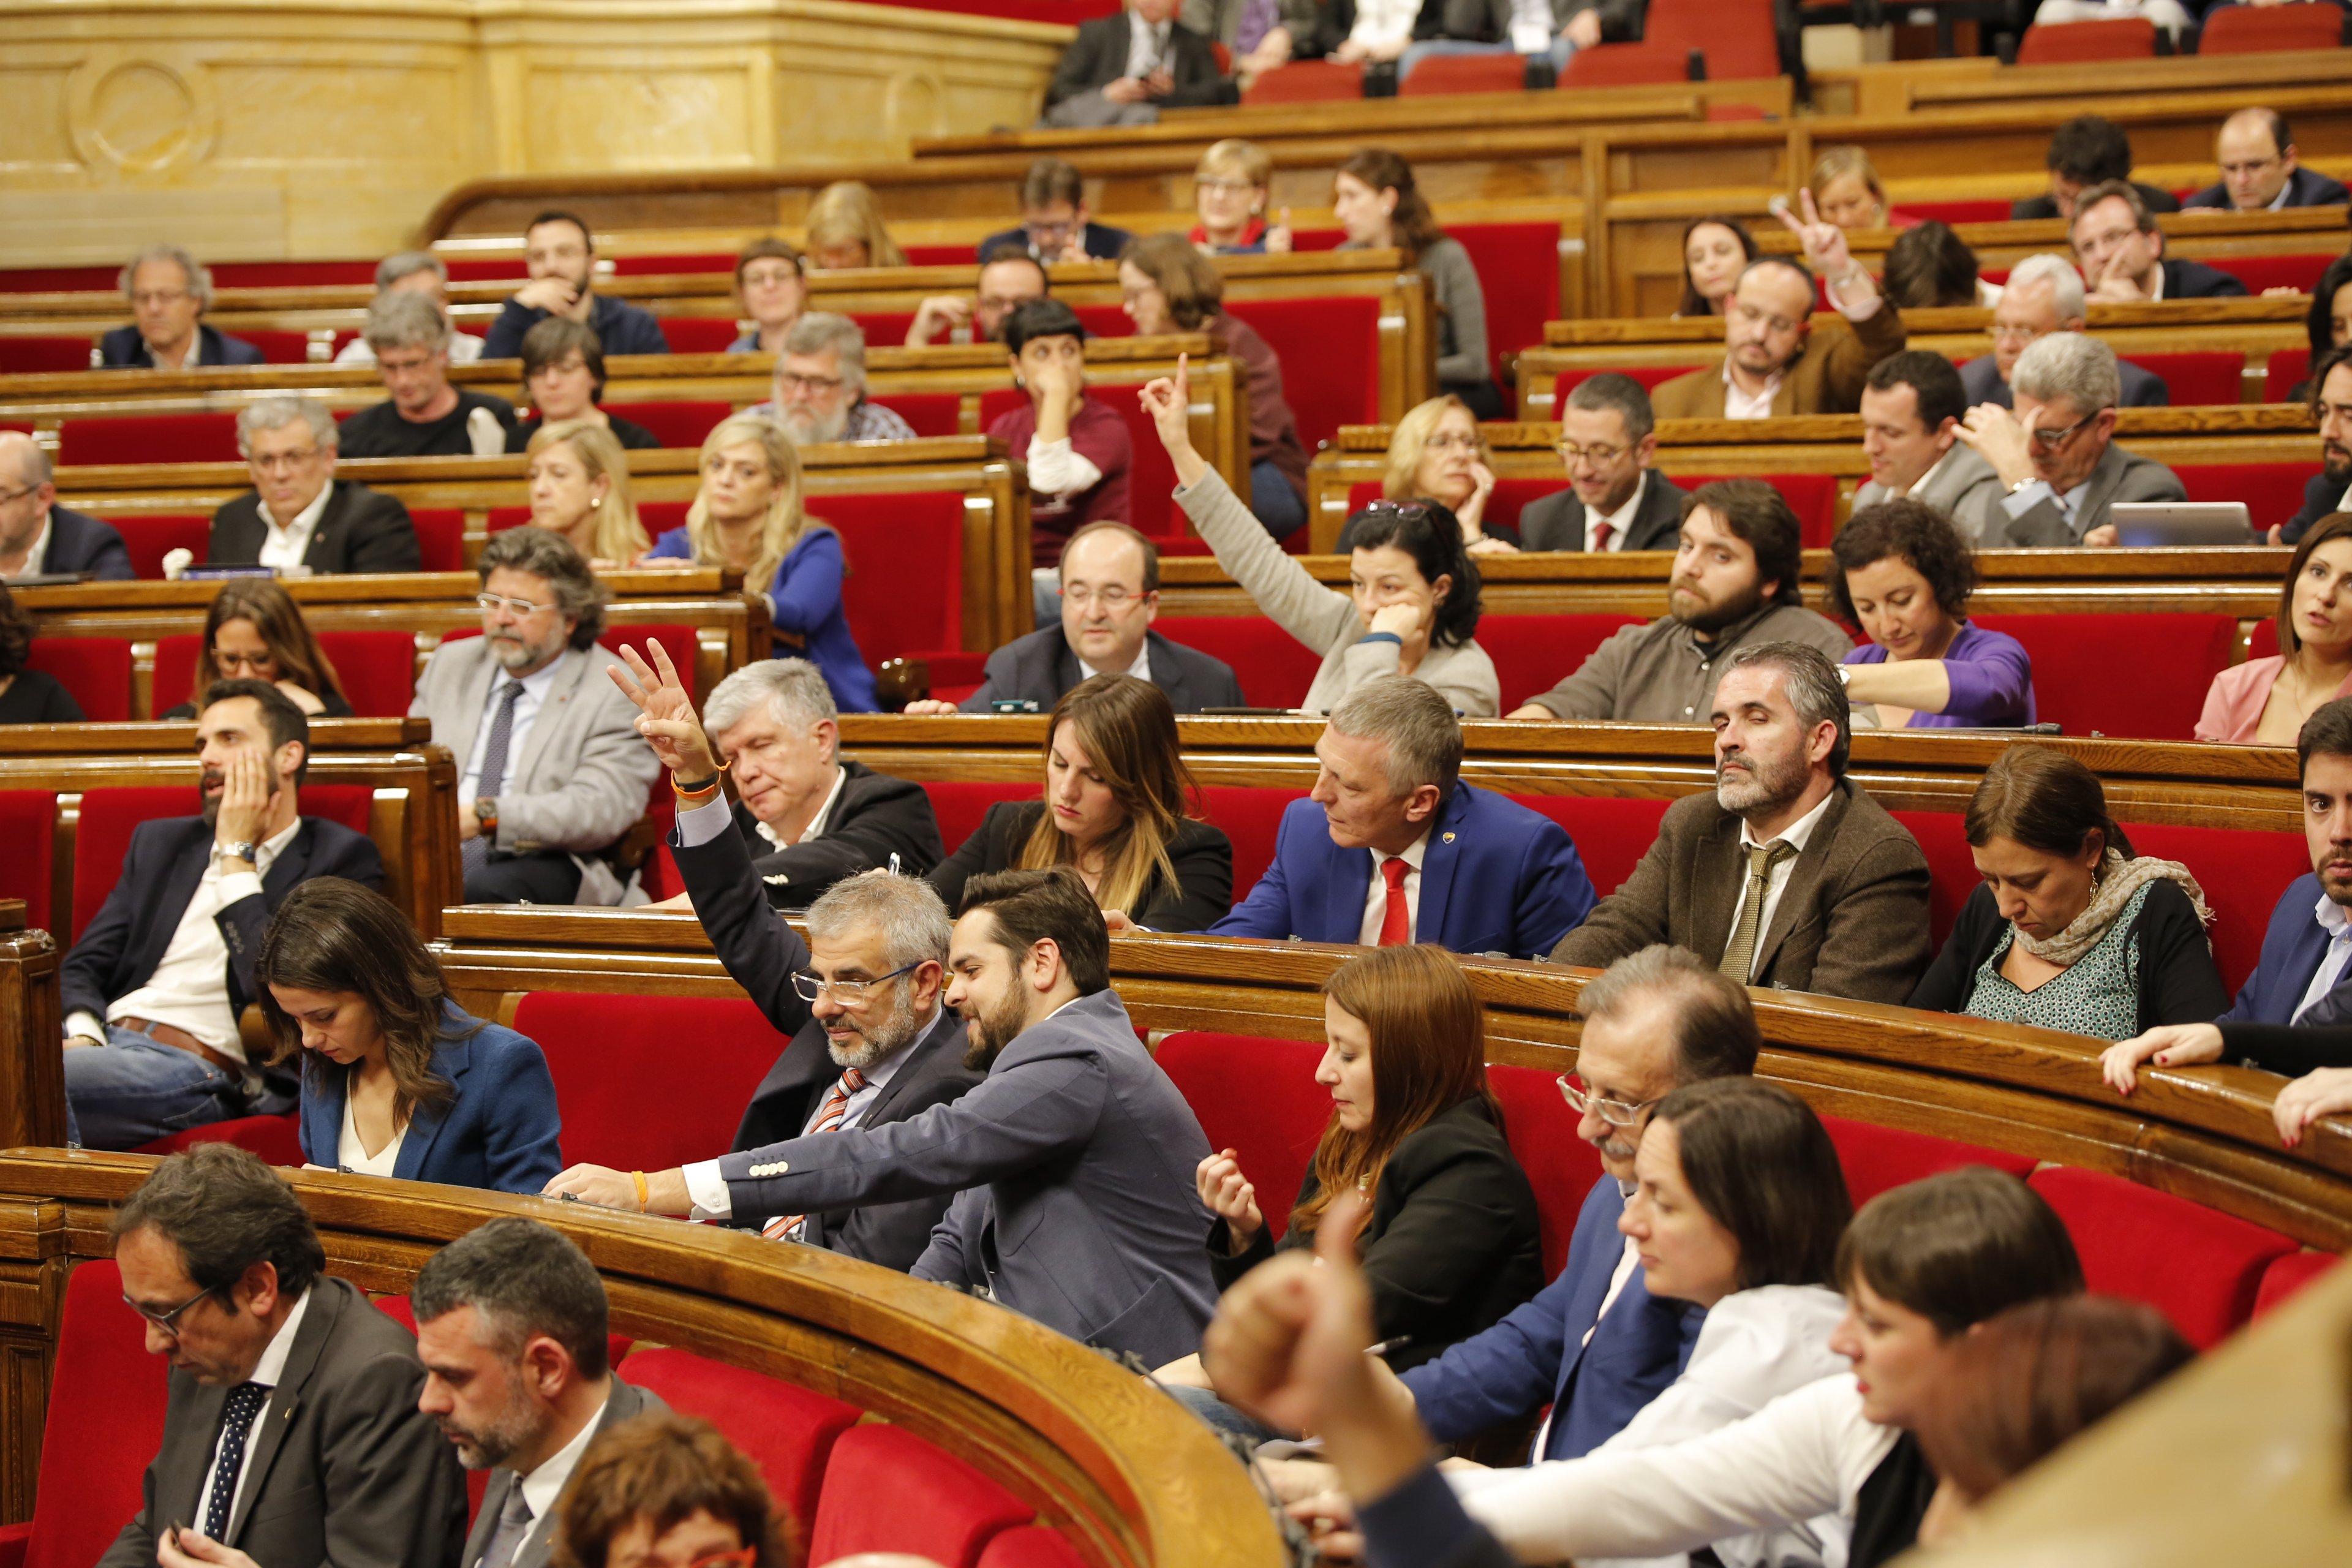 Oposició Ciutadans PSC PP votacions Parlament Hemicicle - Sergi Alcàzar